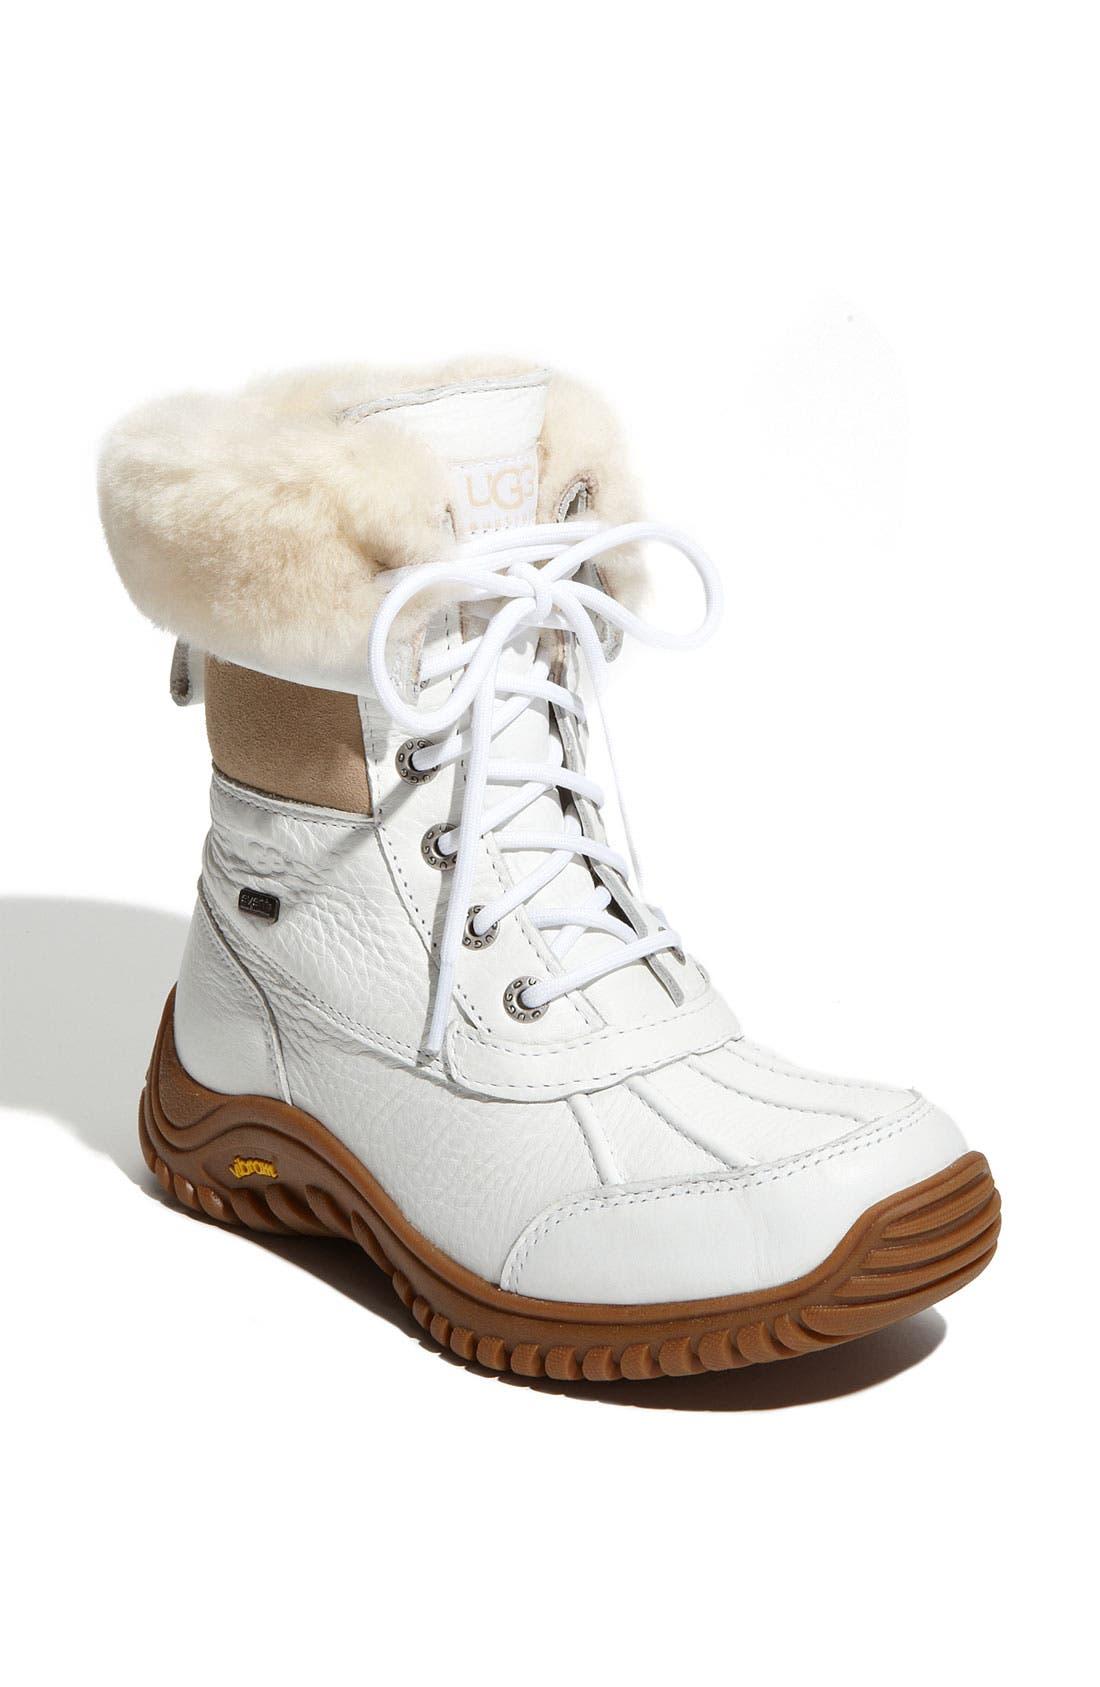 Alternate Image 1 Selected - UGG® Adirondack II Waterproof Boot (Women)